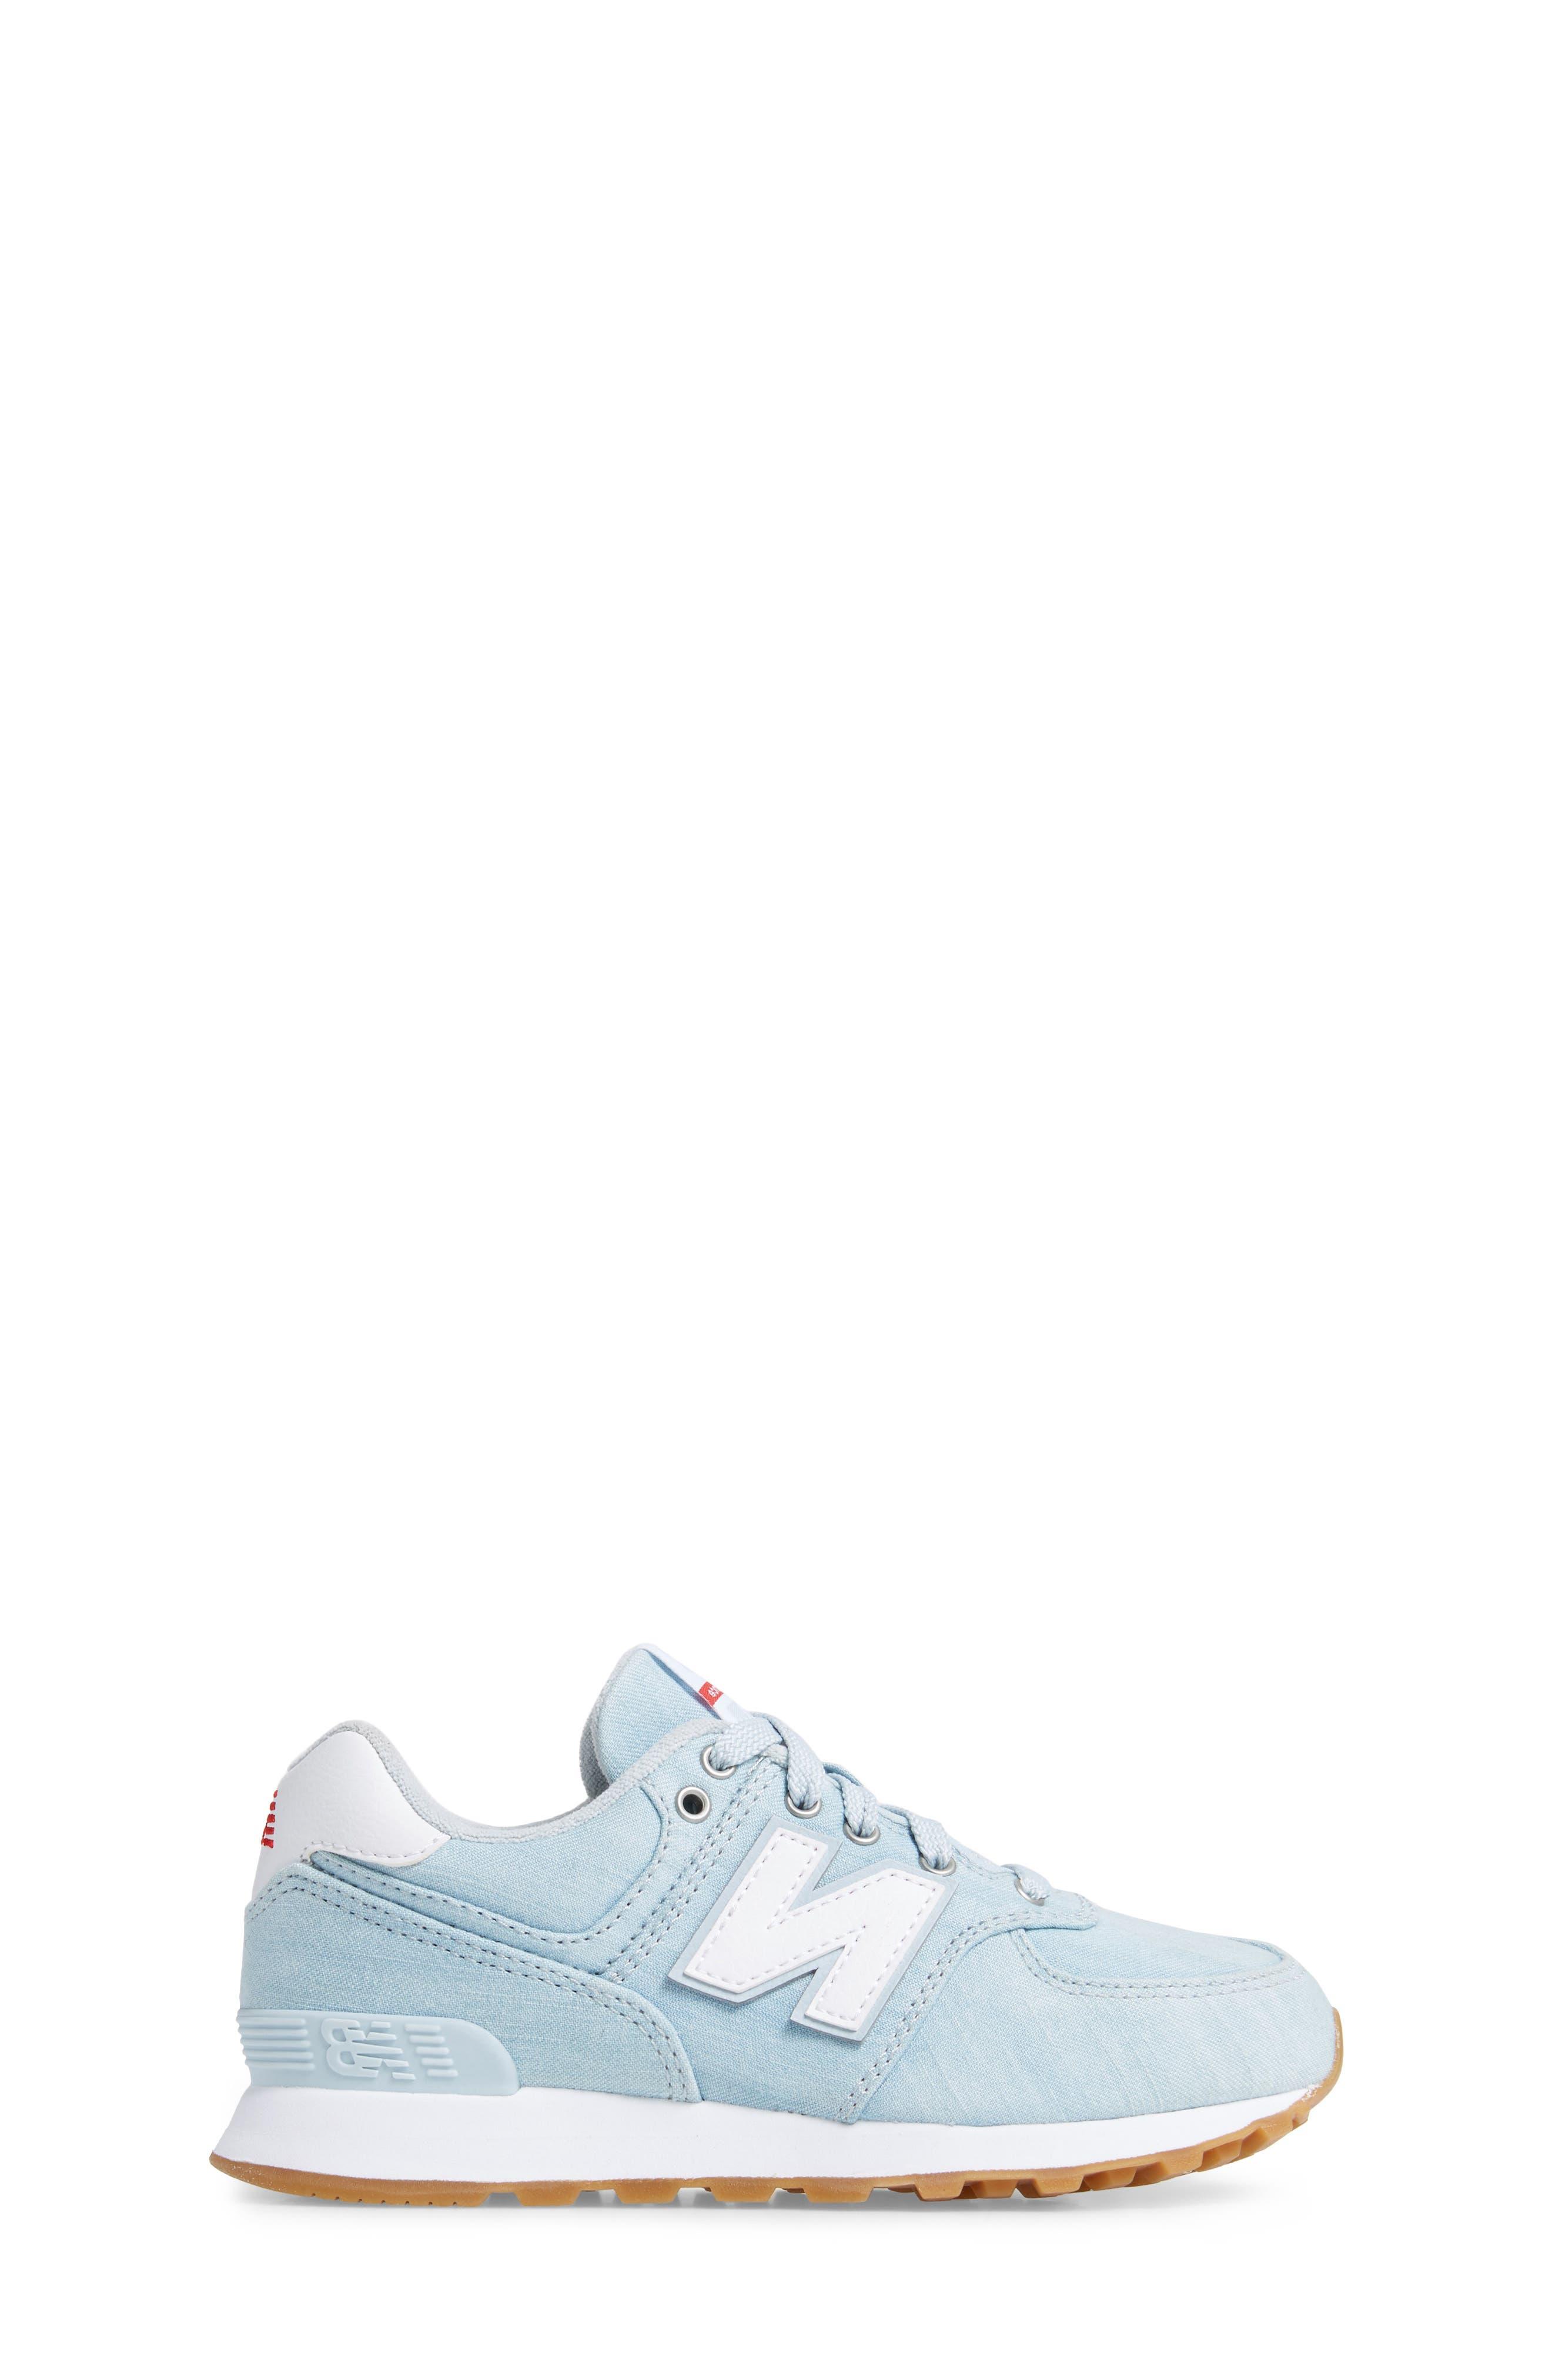 574v1 Sneaker,                             Alternate thumbnail 3, color,                             419